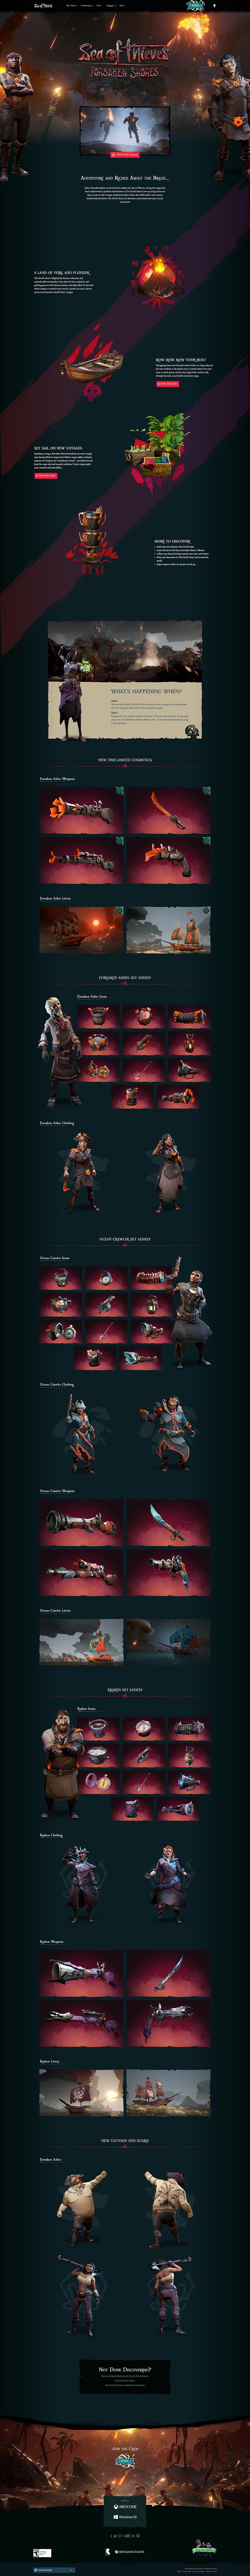 ArtStation - Sea of Thieves - 3D Marketing Renders, Rashed